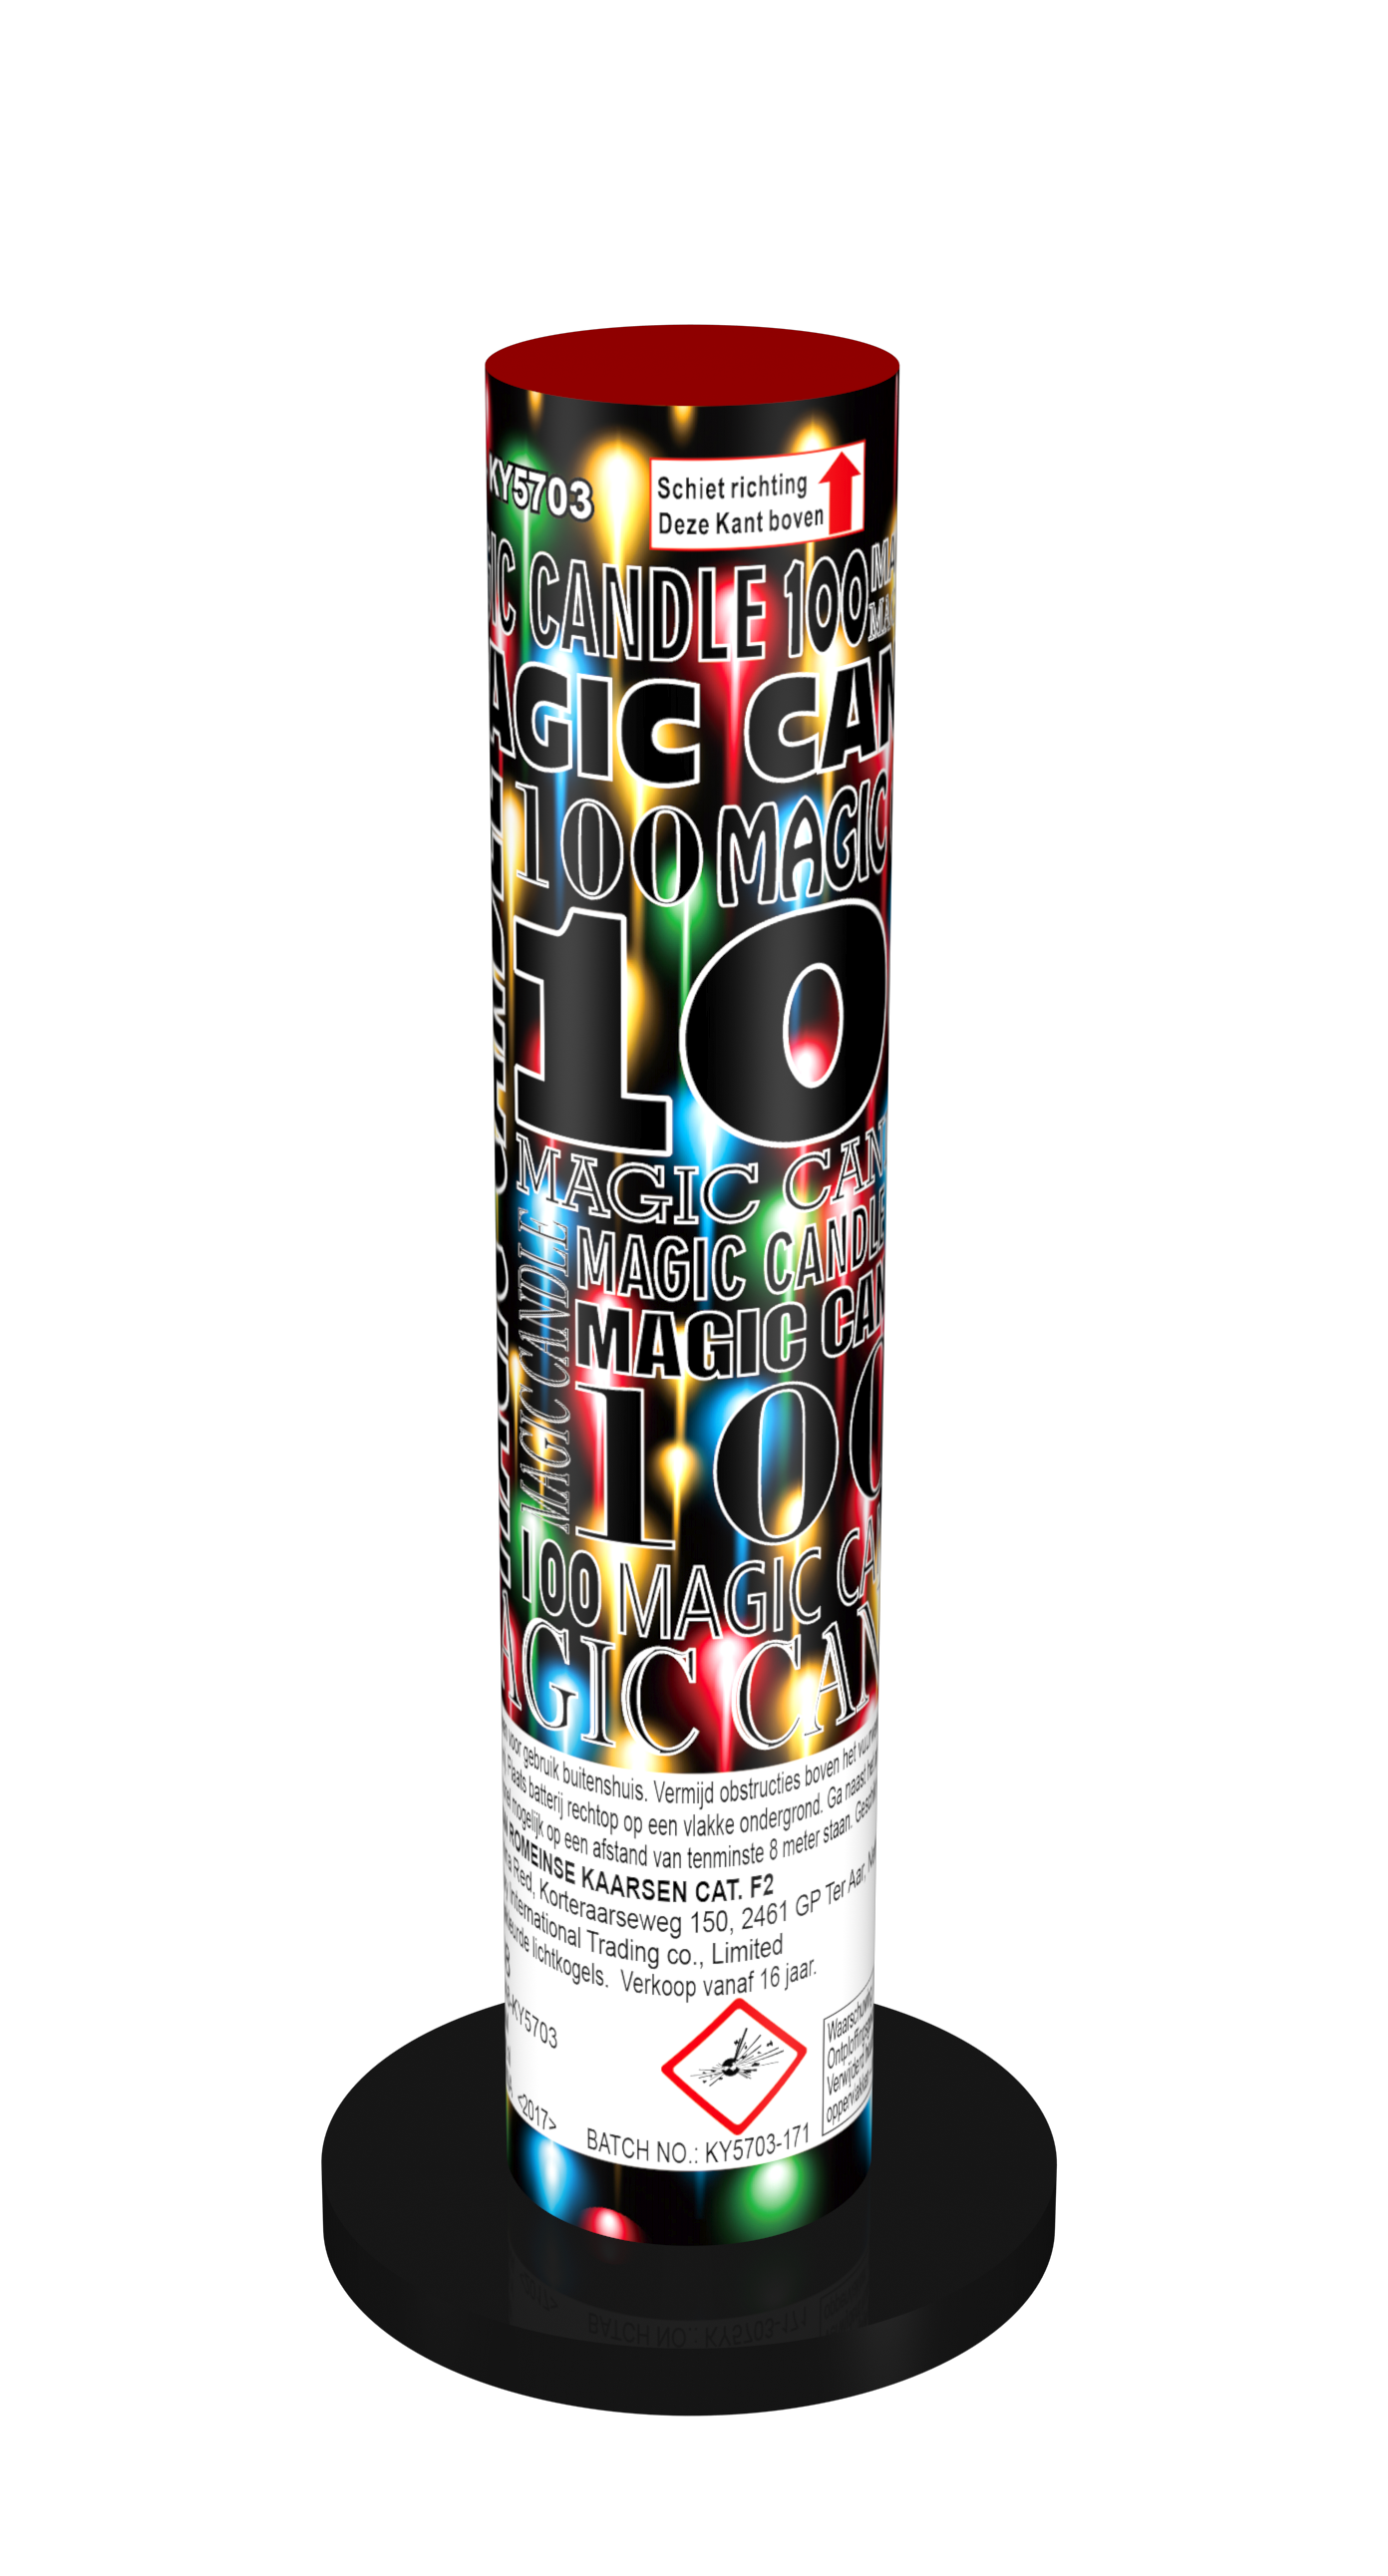 Magic Candle 100